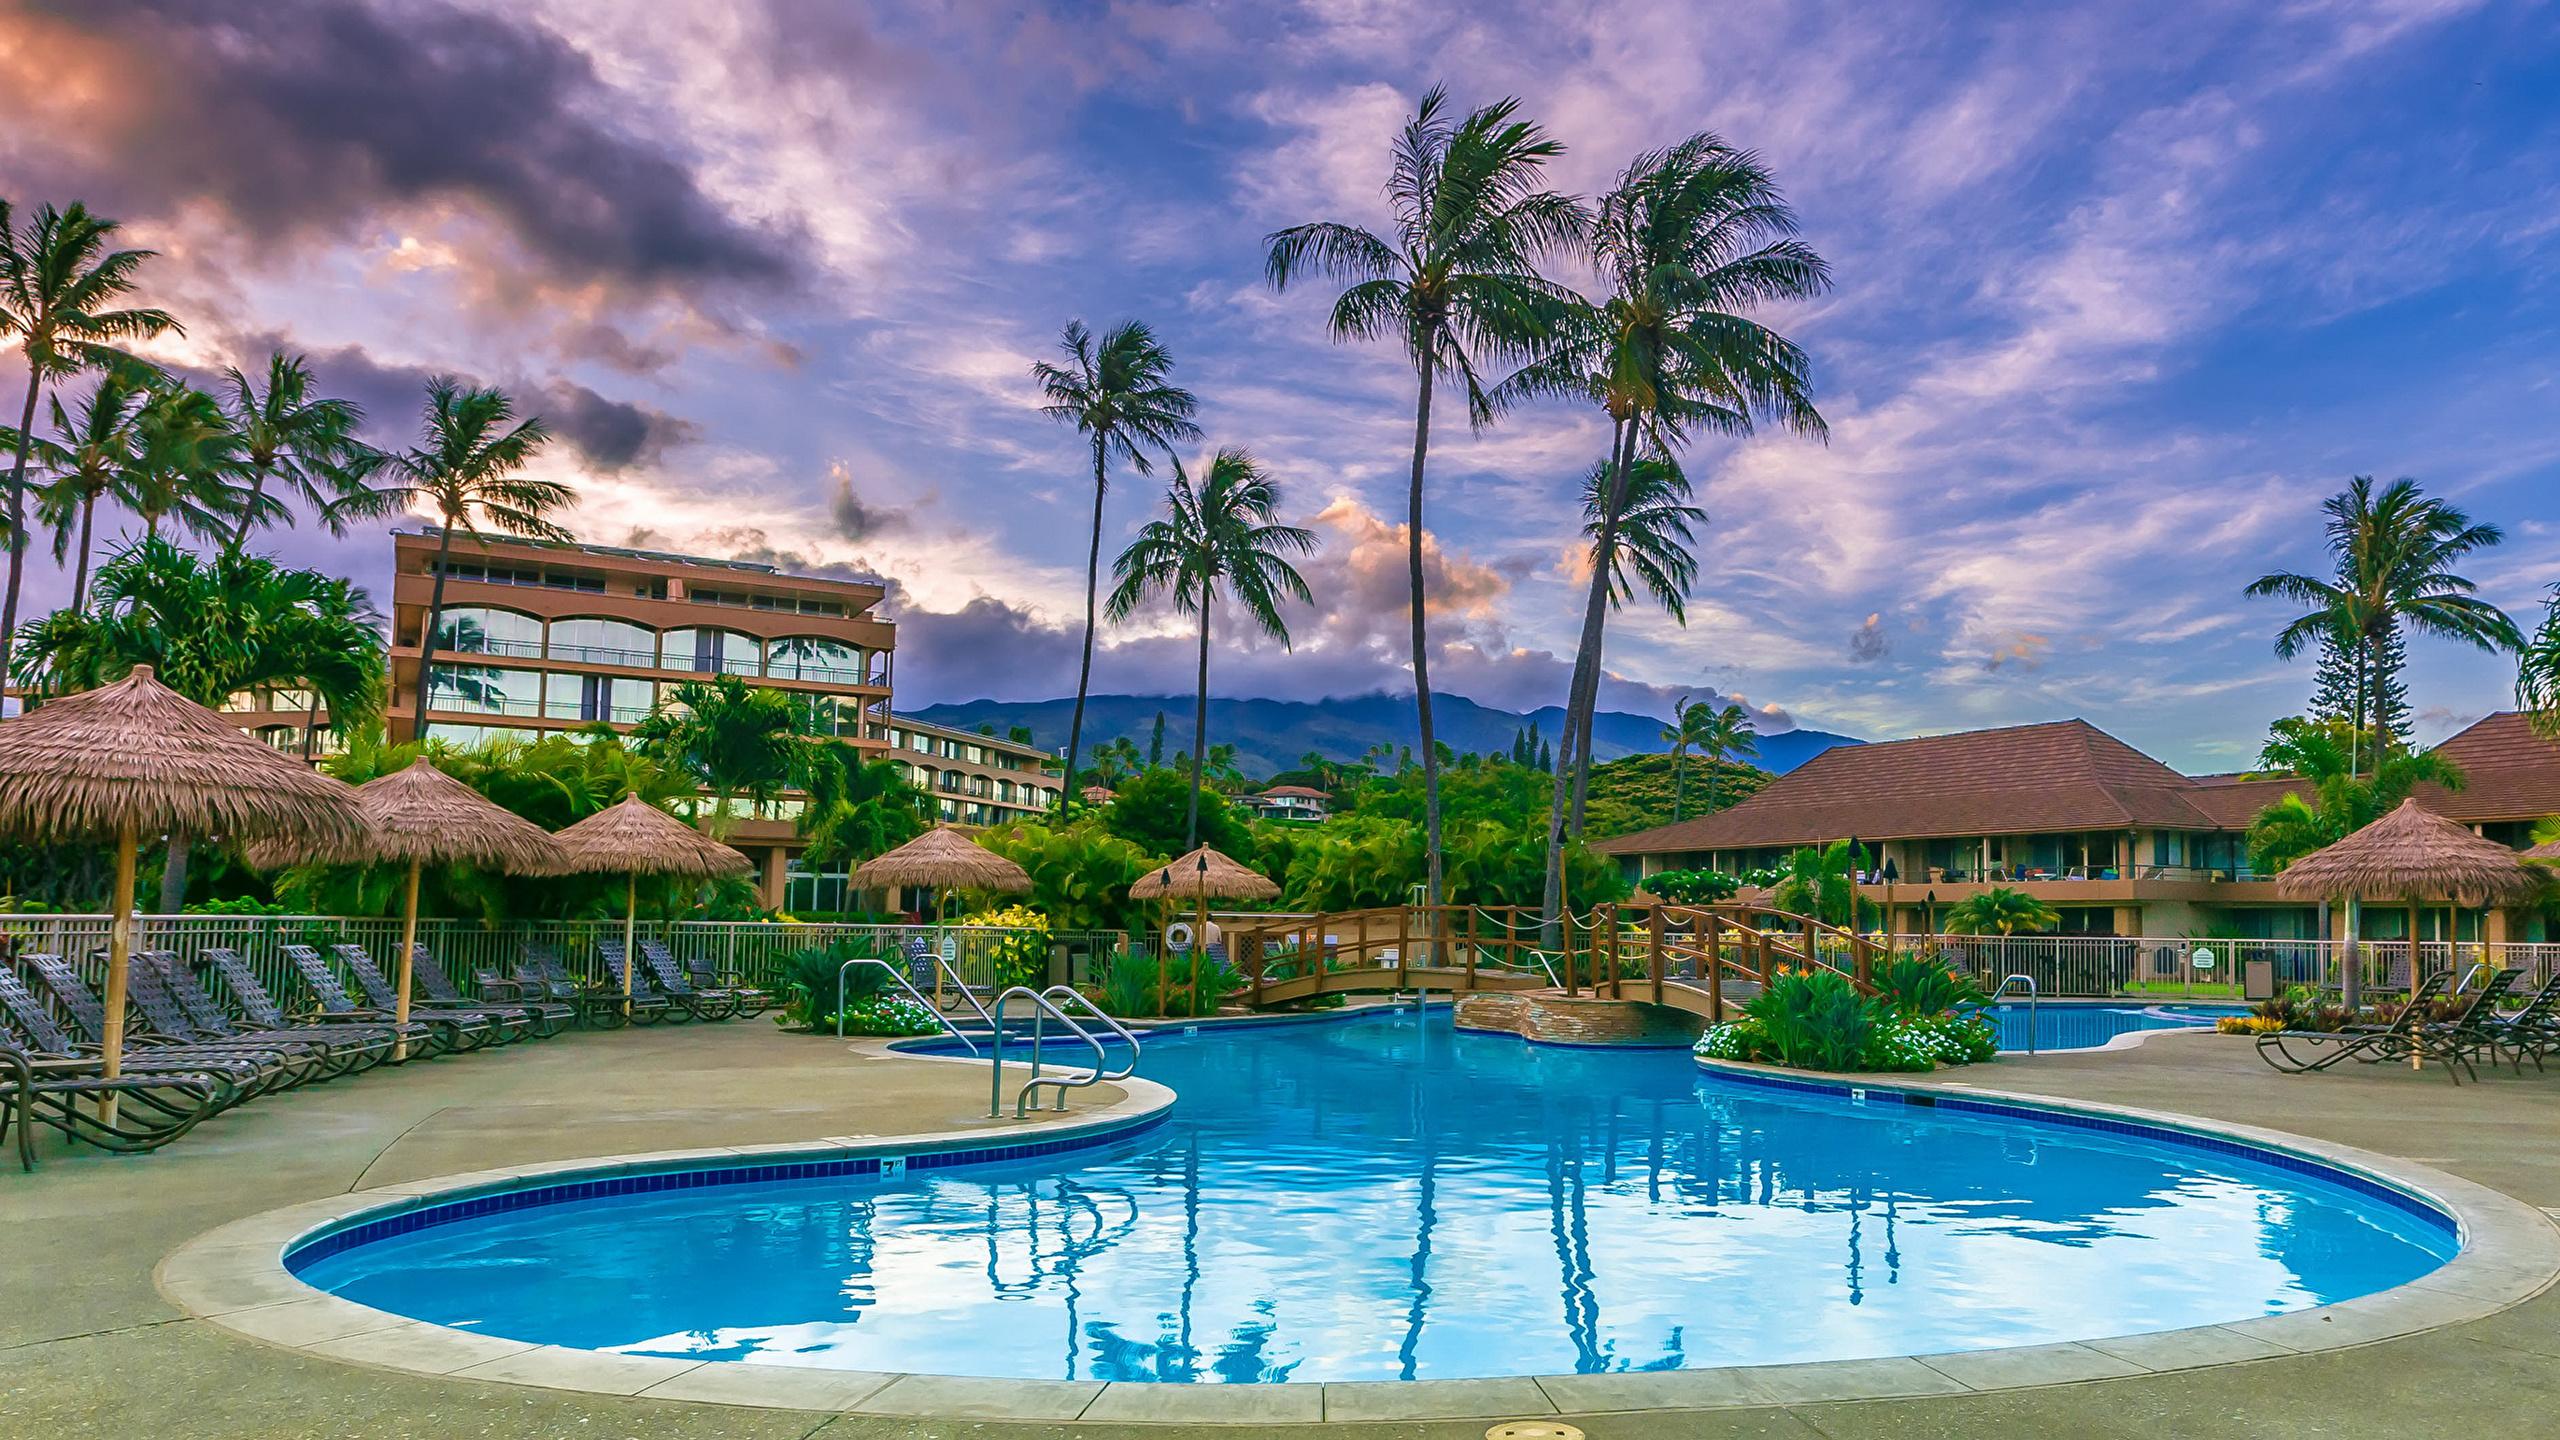 壁紙 2560x1440 リゾート 住宅 Maui ハワイ州 プール ヤシ